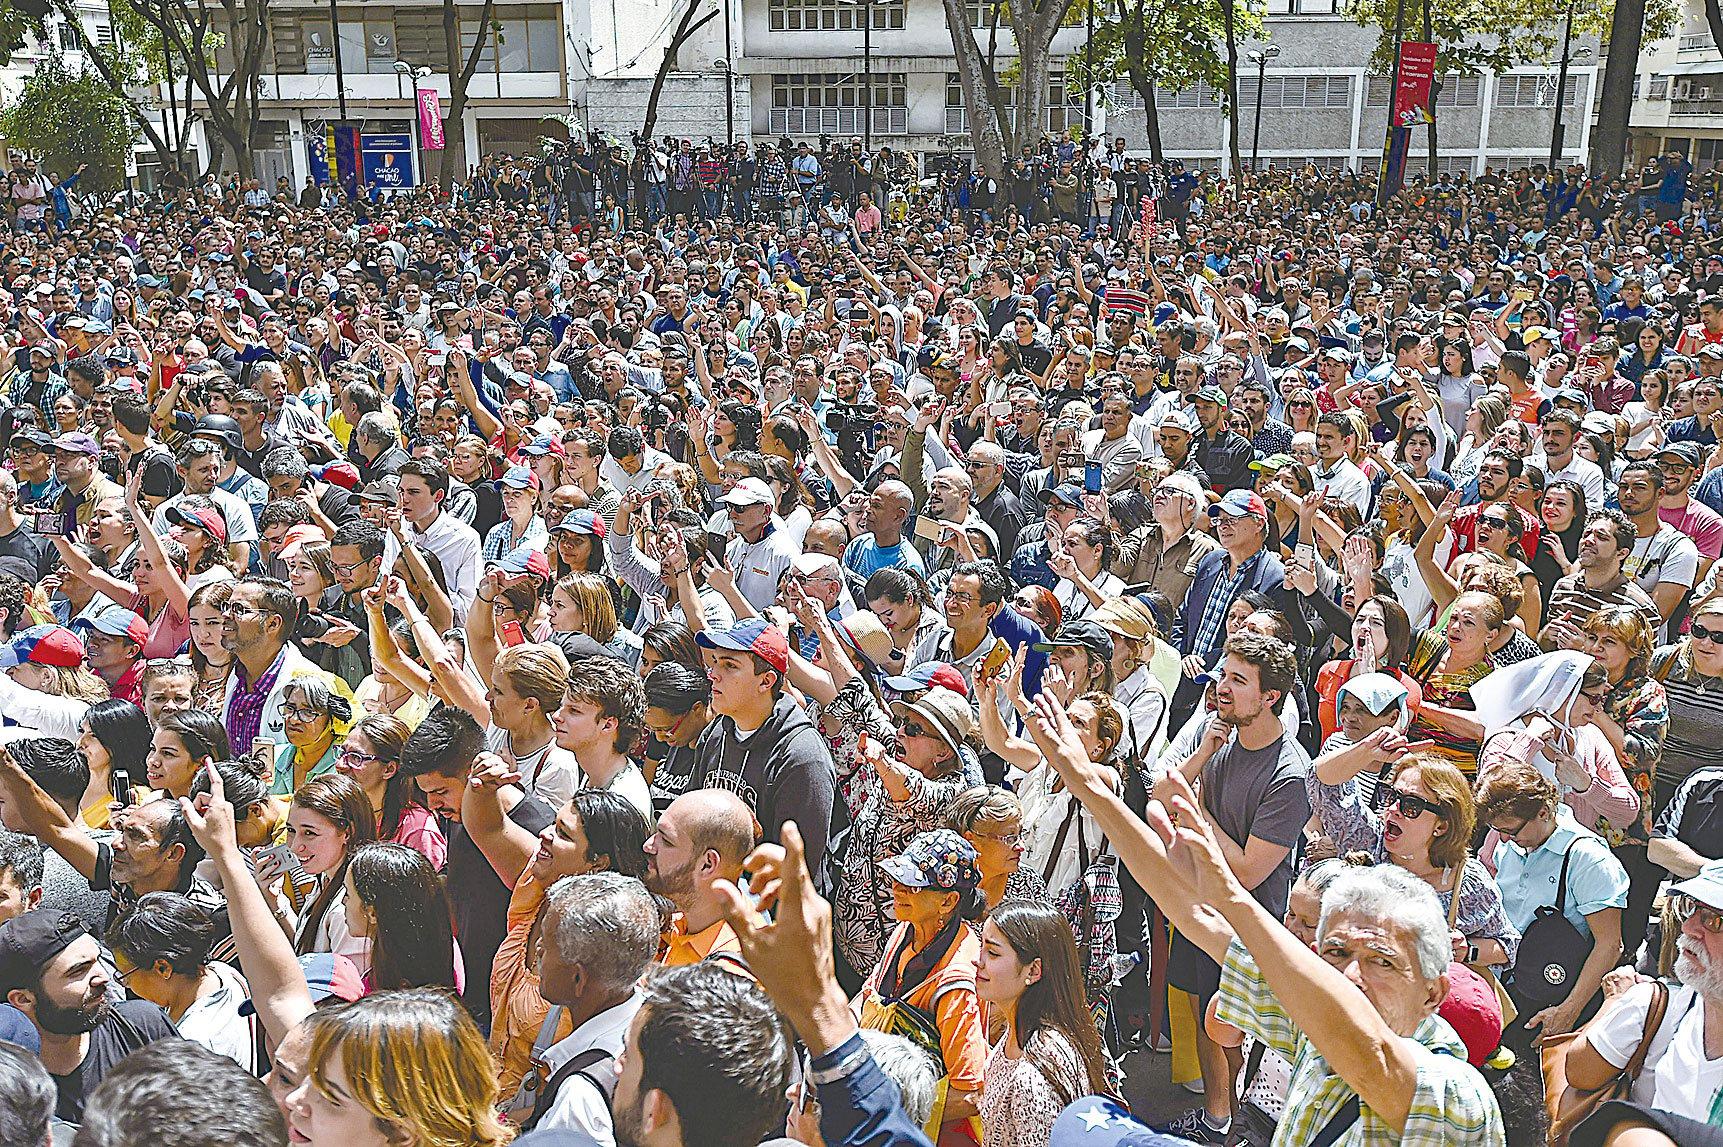 中華民國自由通訊傳播協會舉辦「美中持續熱戰 台灣如何是好?」論壇,圖為研討會的現場。(自由通訊傳播協會)